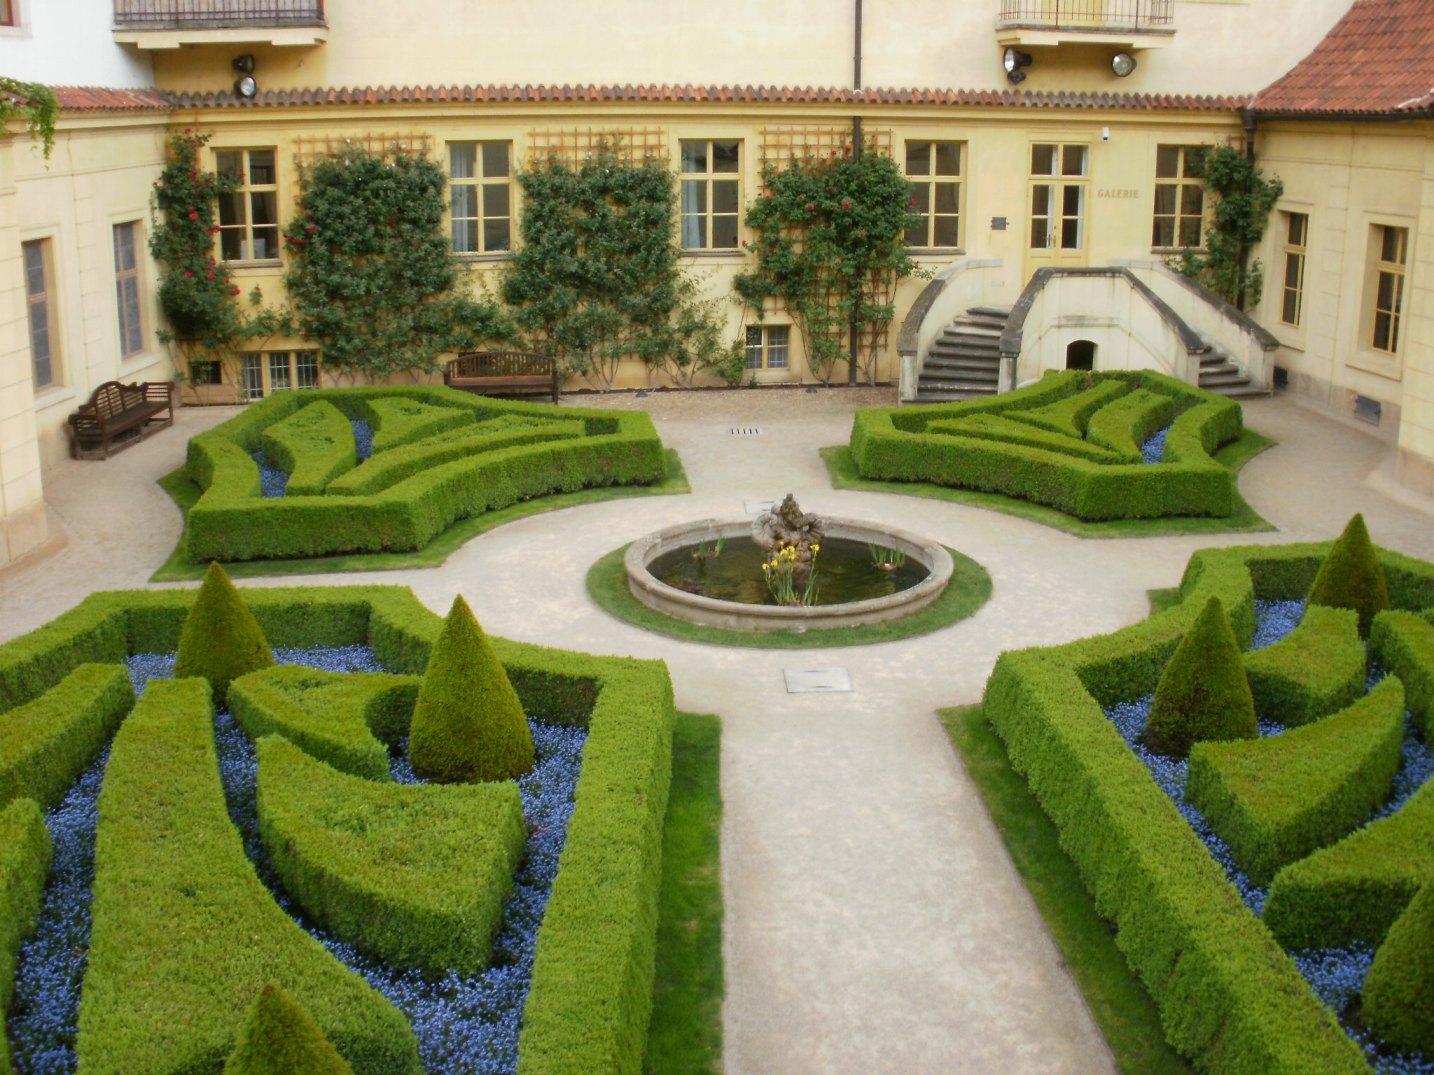 Vrtbovská zahrada - pohled na dvůr s fontánou